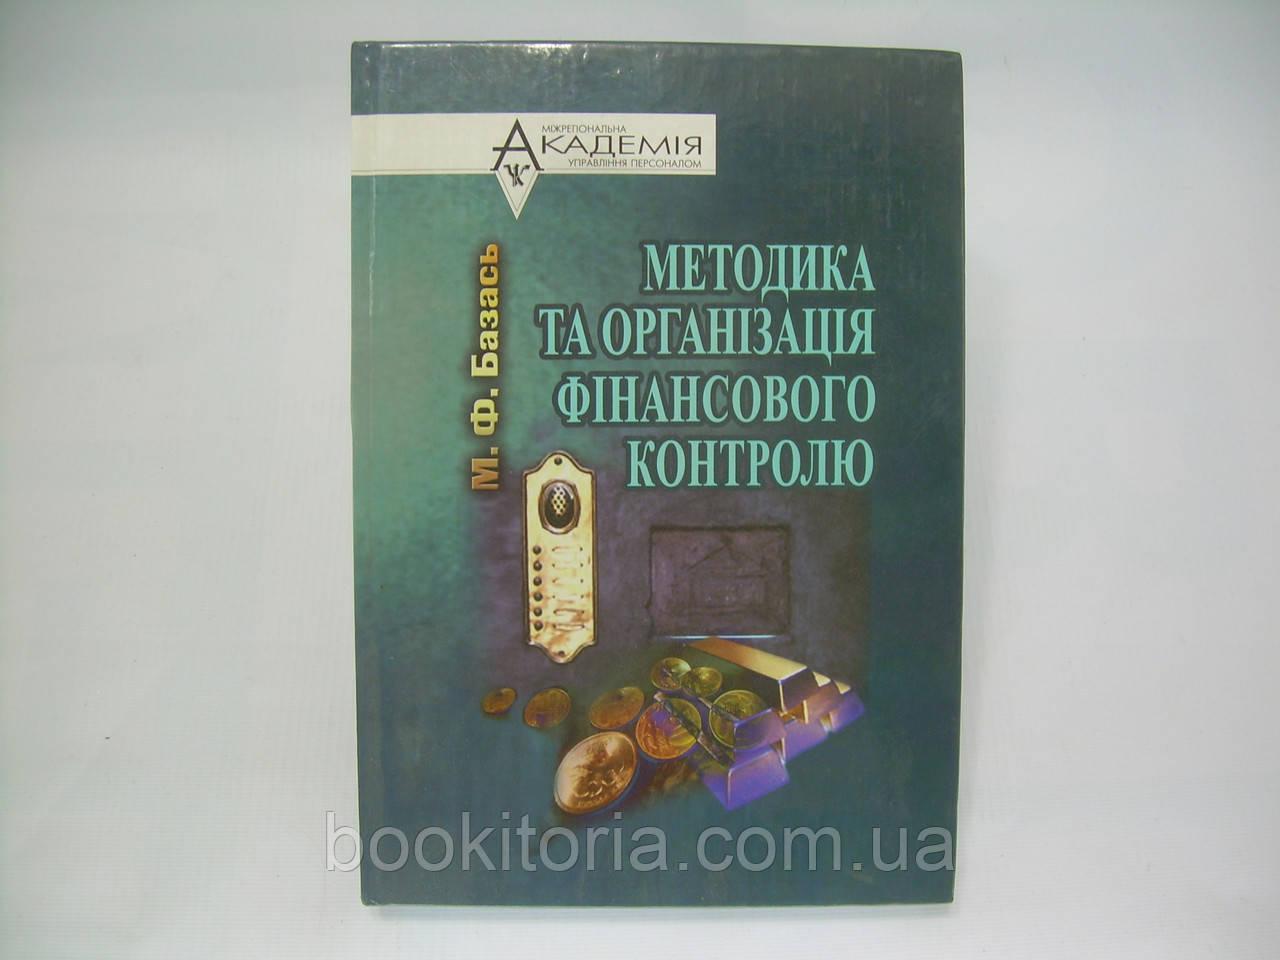 Базась М.Ф. Методика та організація фінансового контролю (б/у).